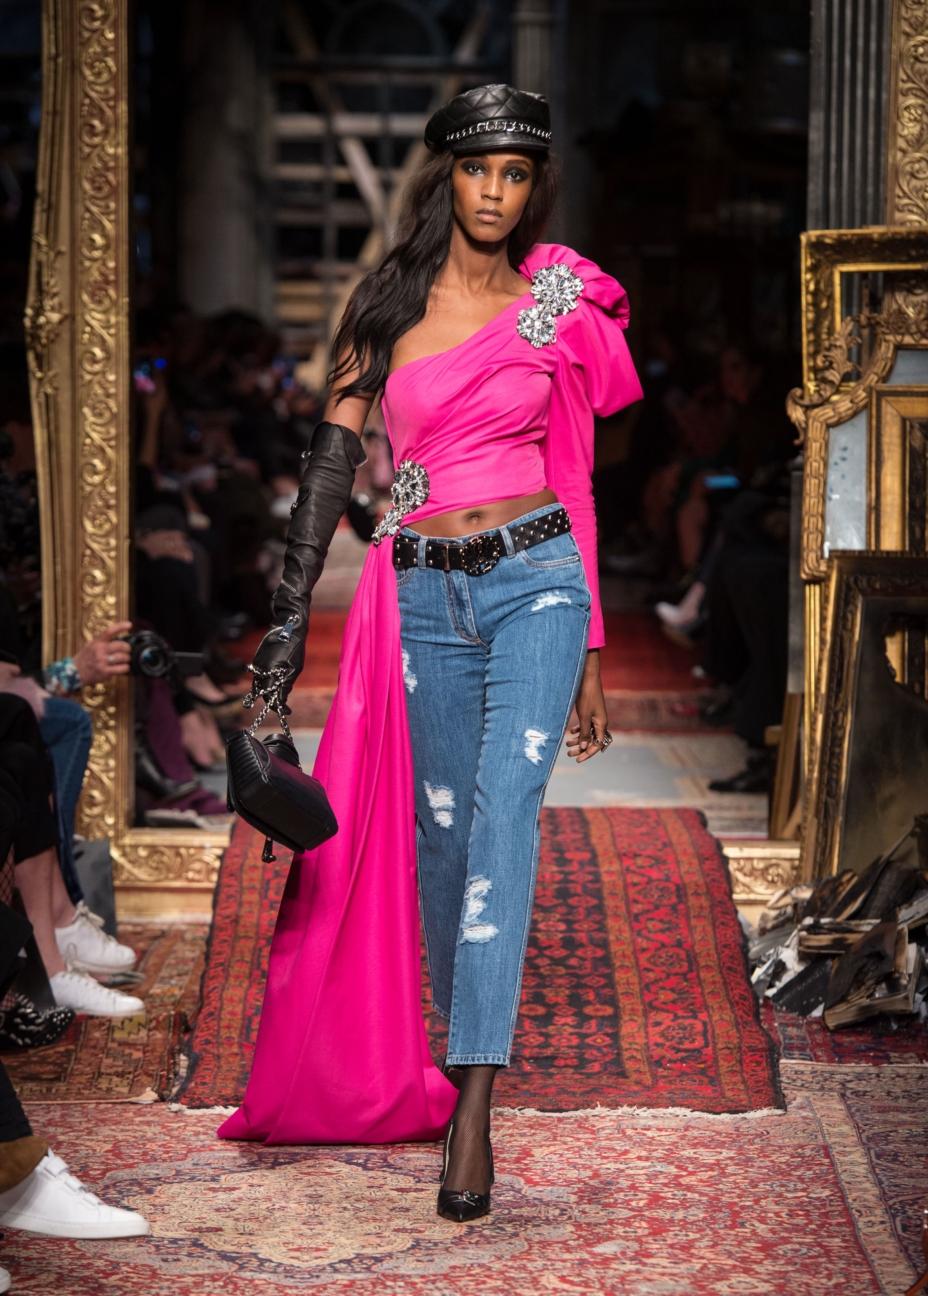 moschino-milan-fashion-week-aw-16-12